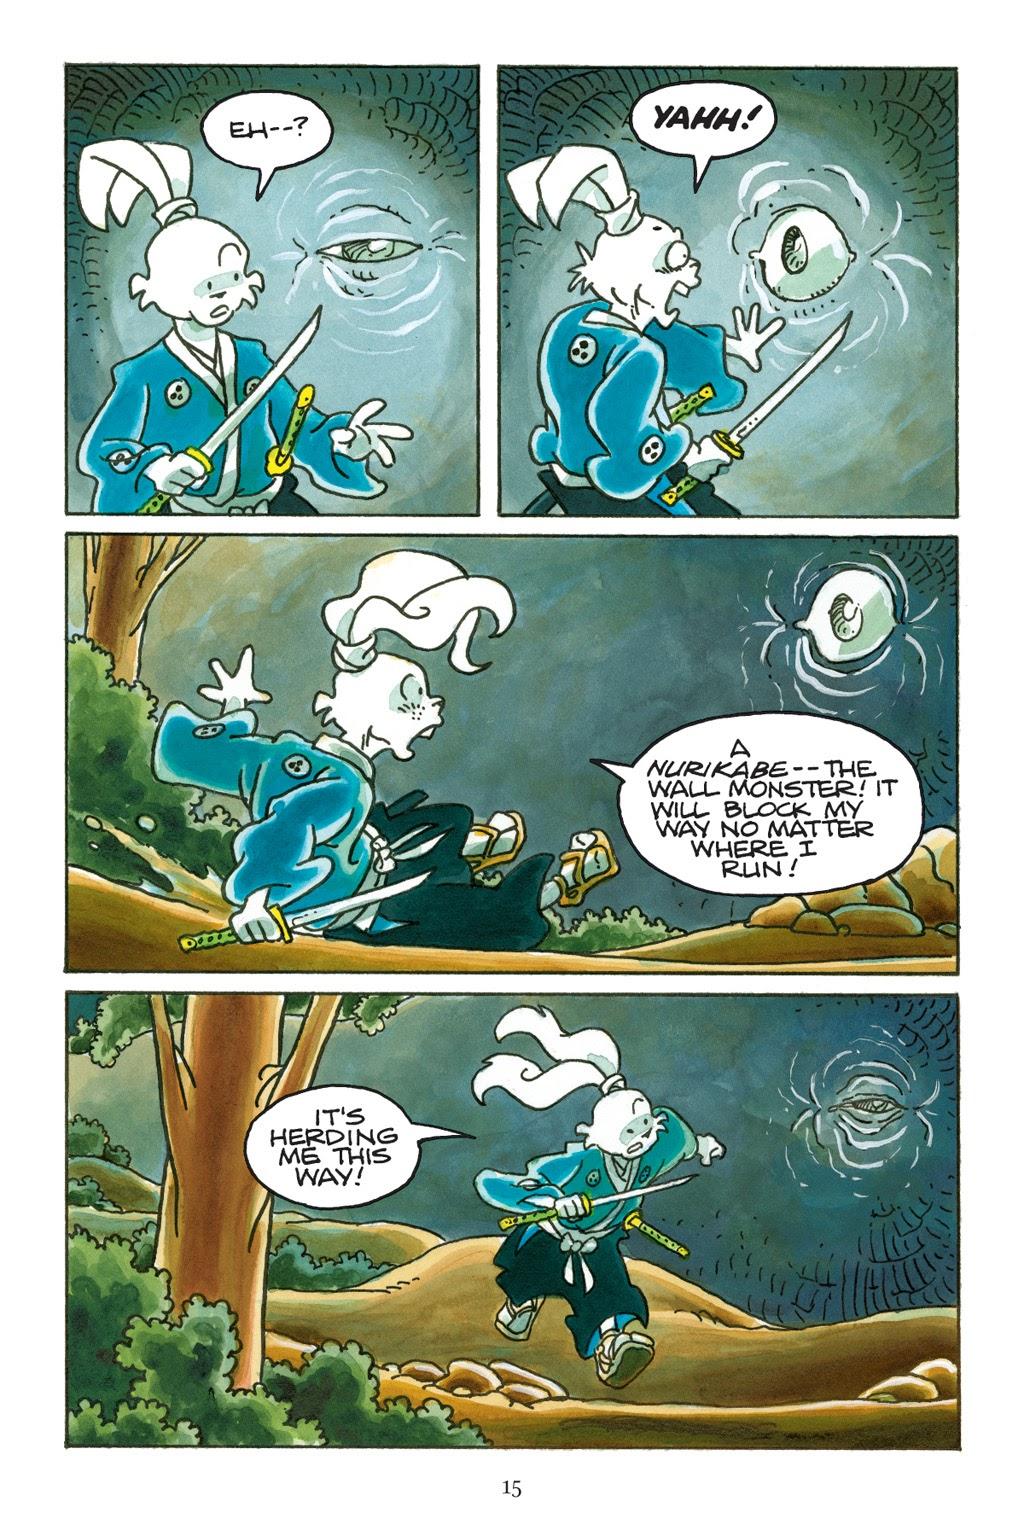 Read online Usagi Yojimbo: Yokai comic -  Issue # Full - 16